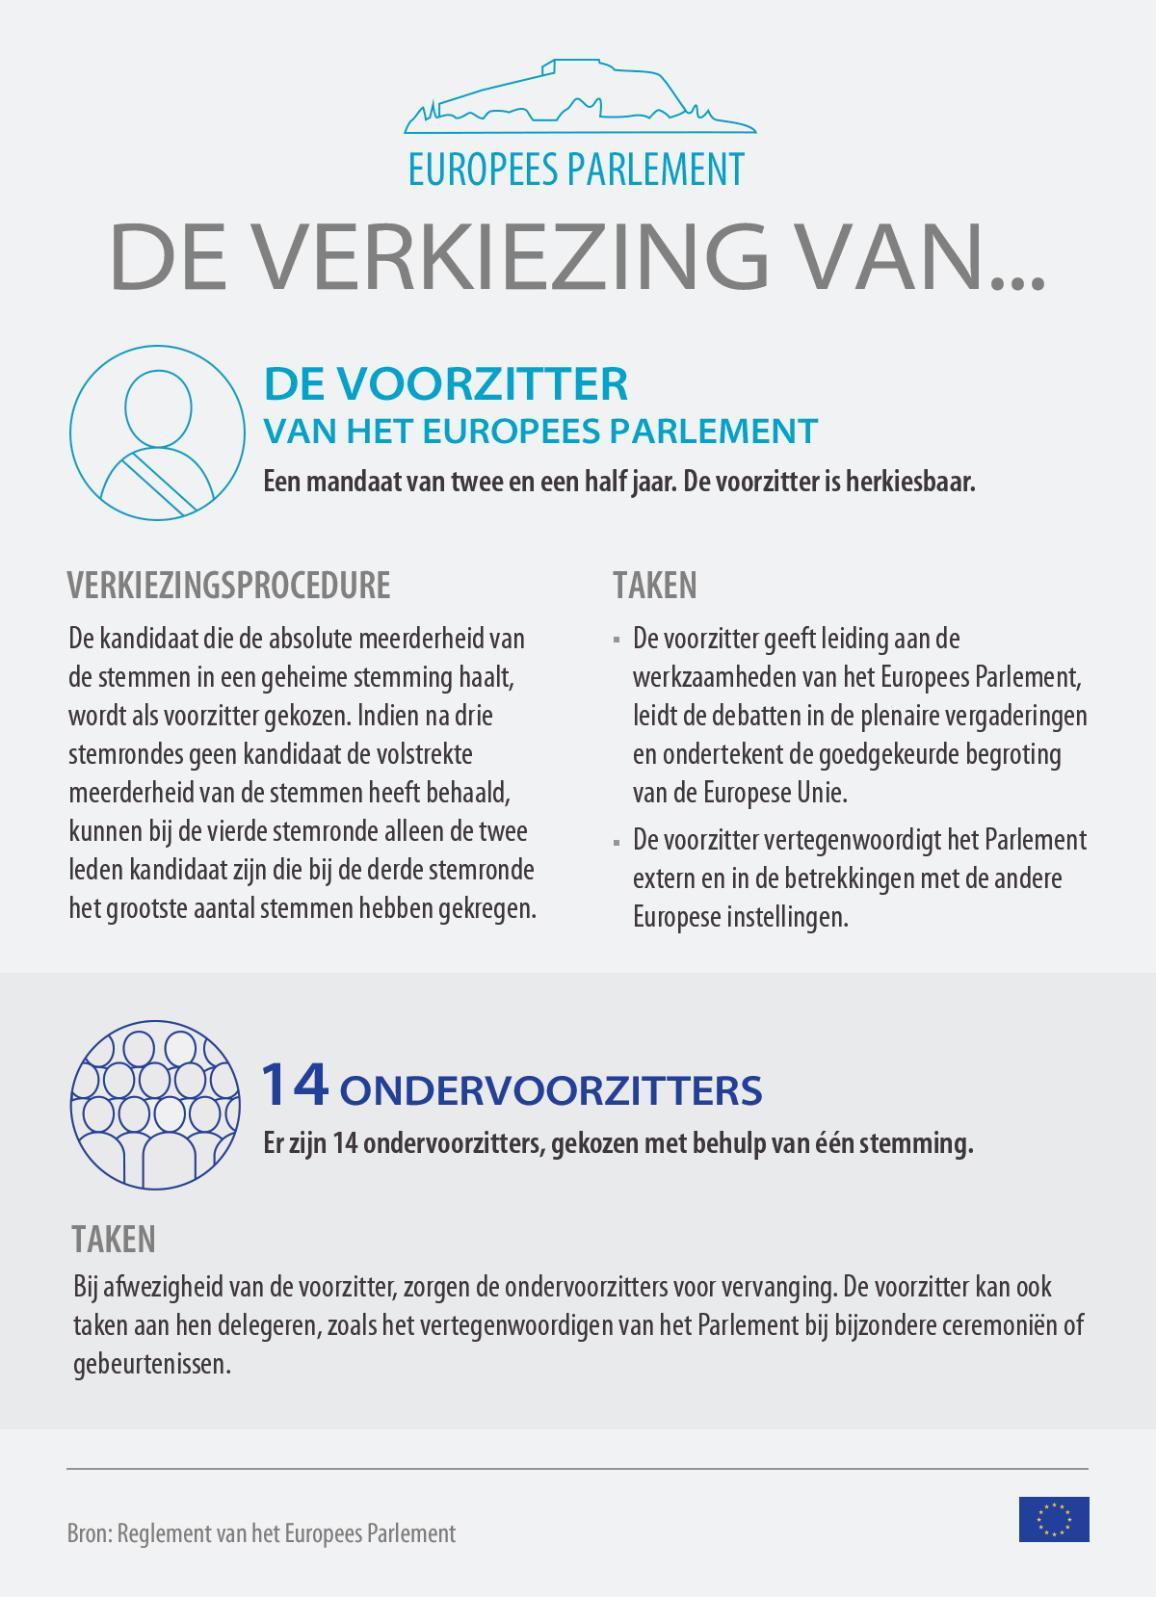 Infografiek betreffende de verkiezing van de voorzitter van het Europees Parlement